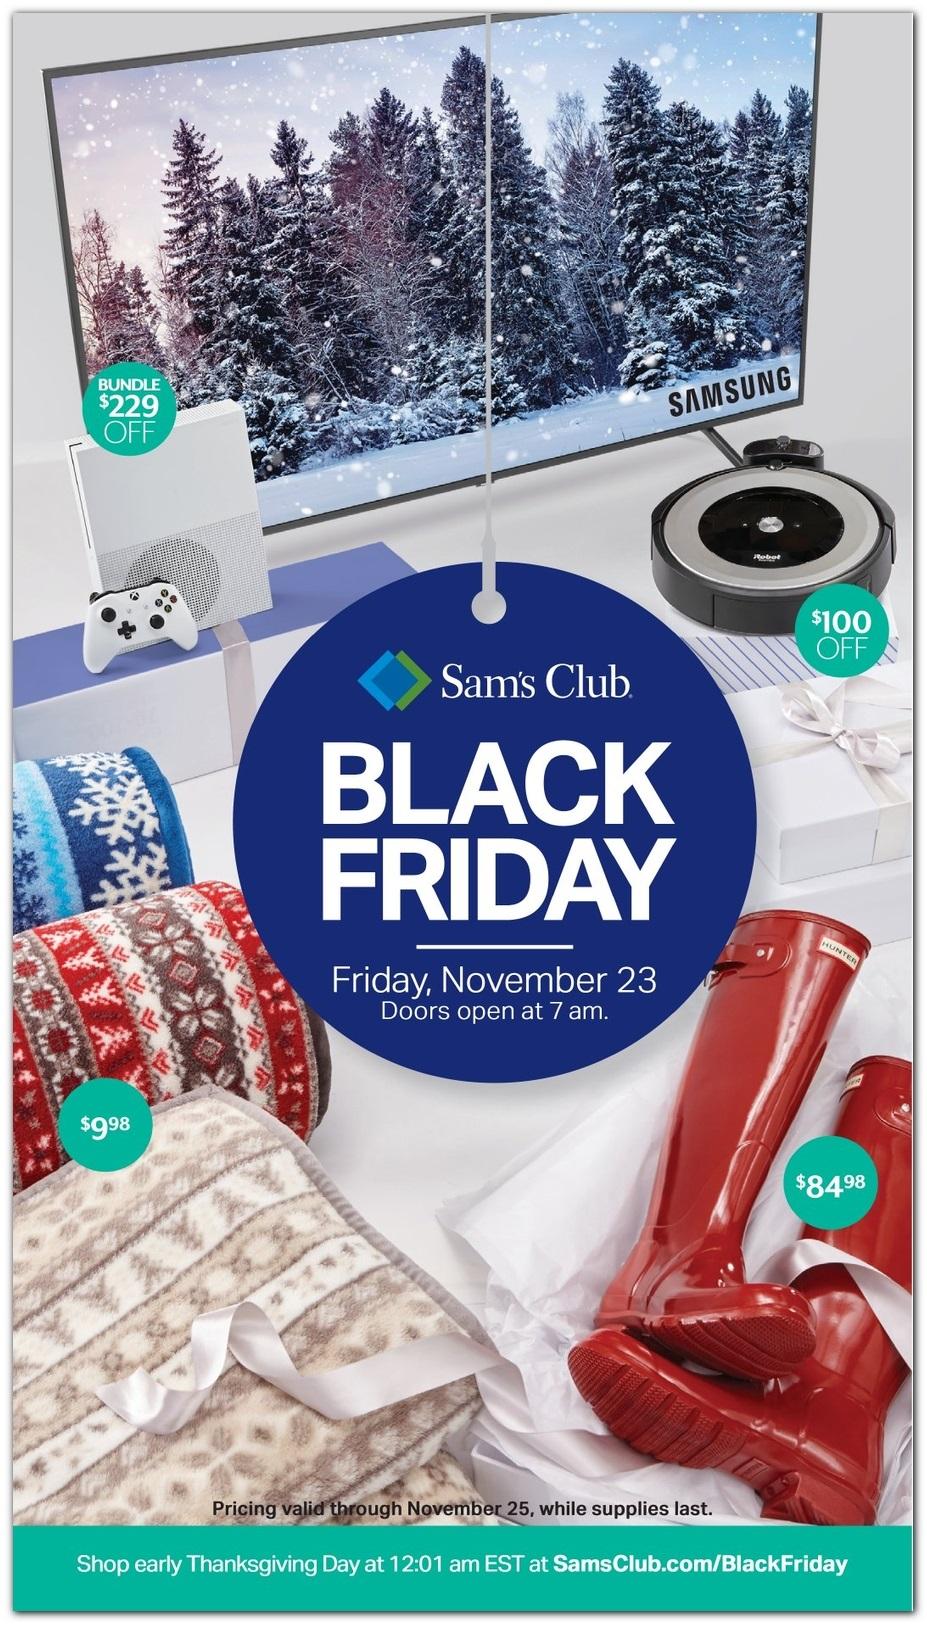 Sam's Club Black Friday 2018 Ad